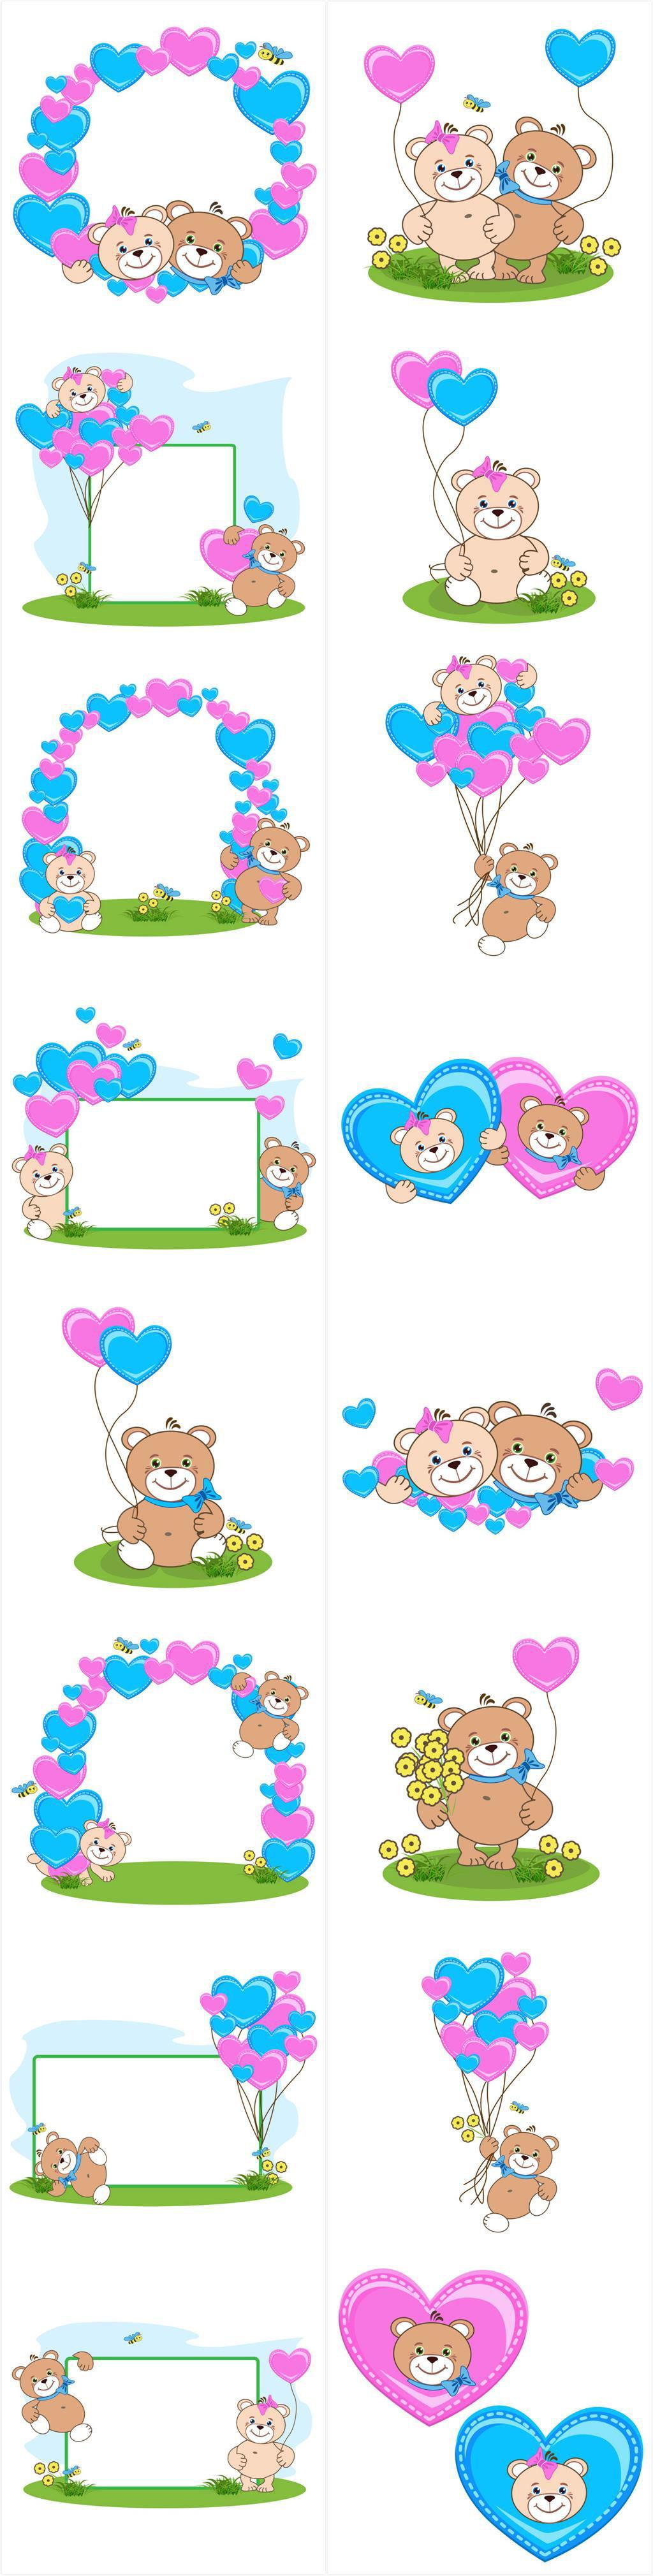 手绘可爱卡通爱情小熊